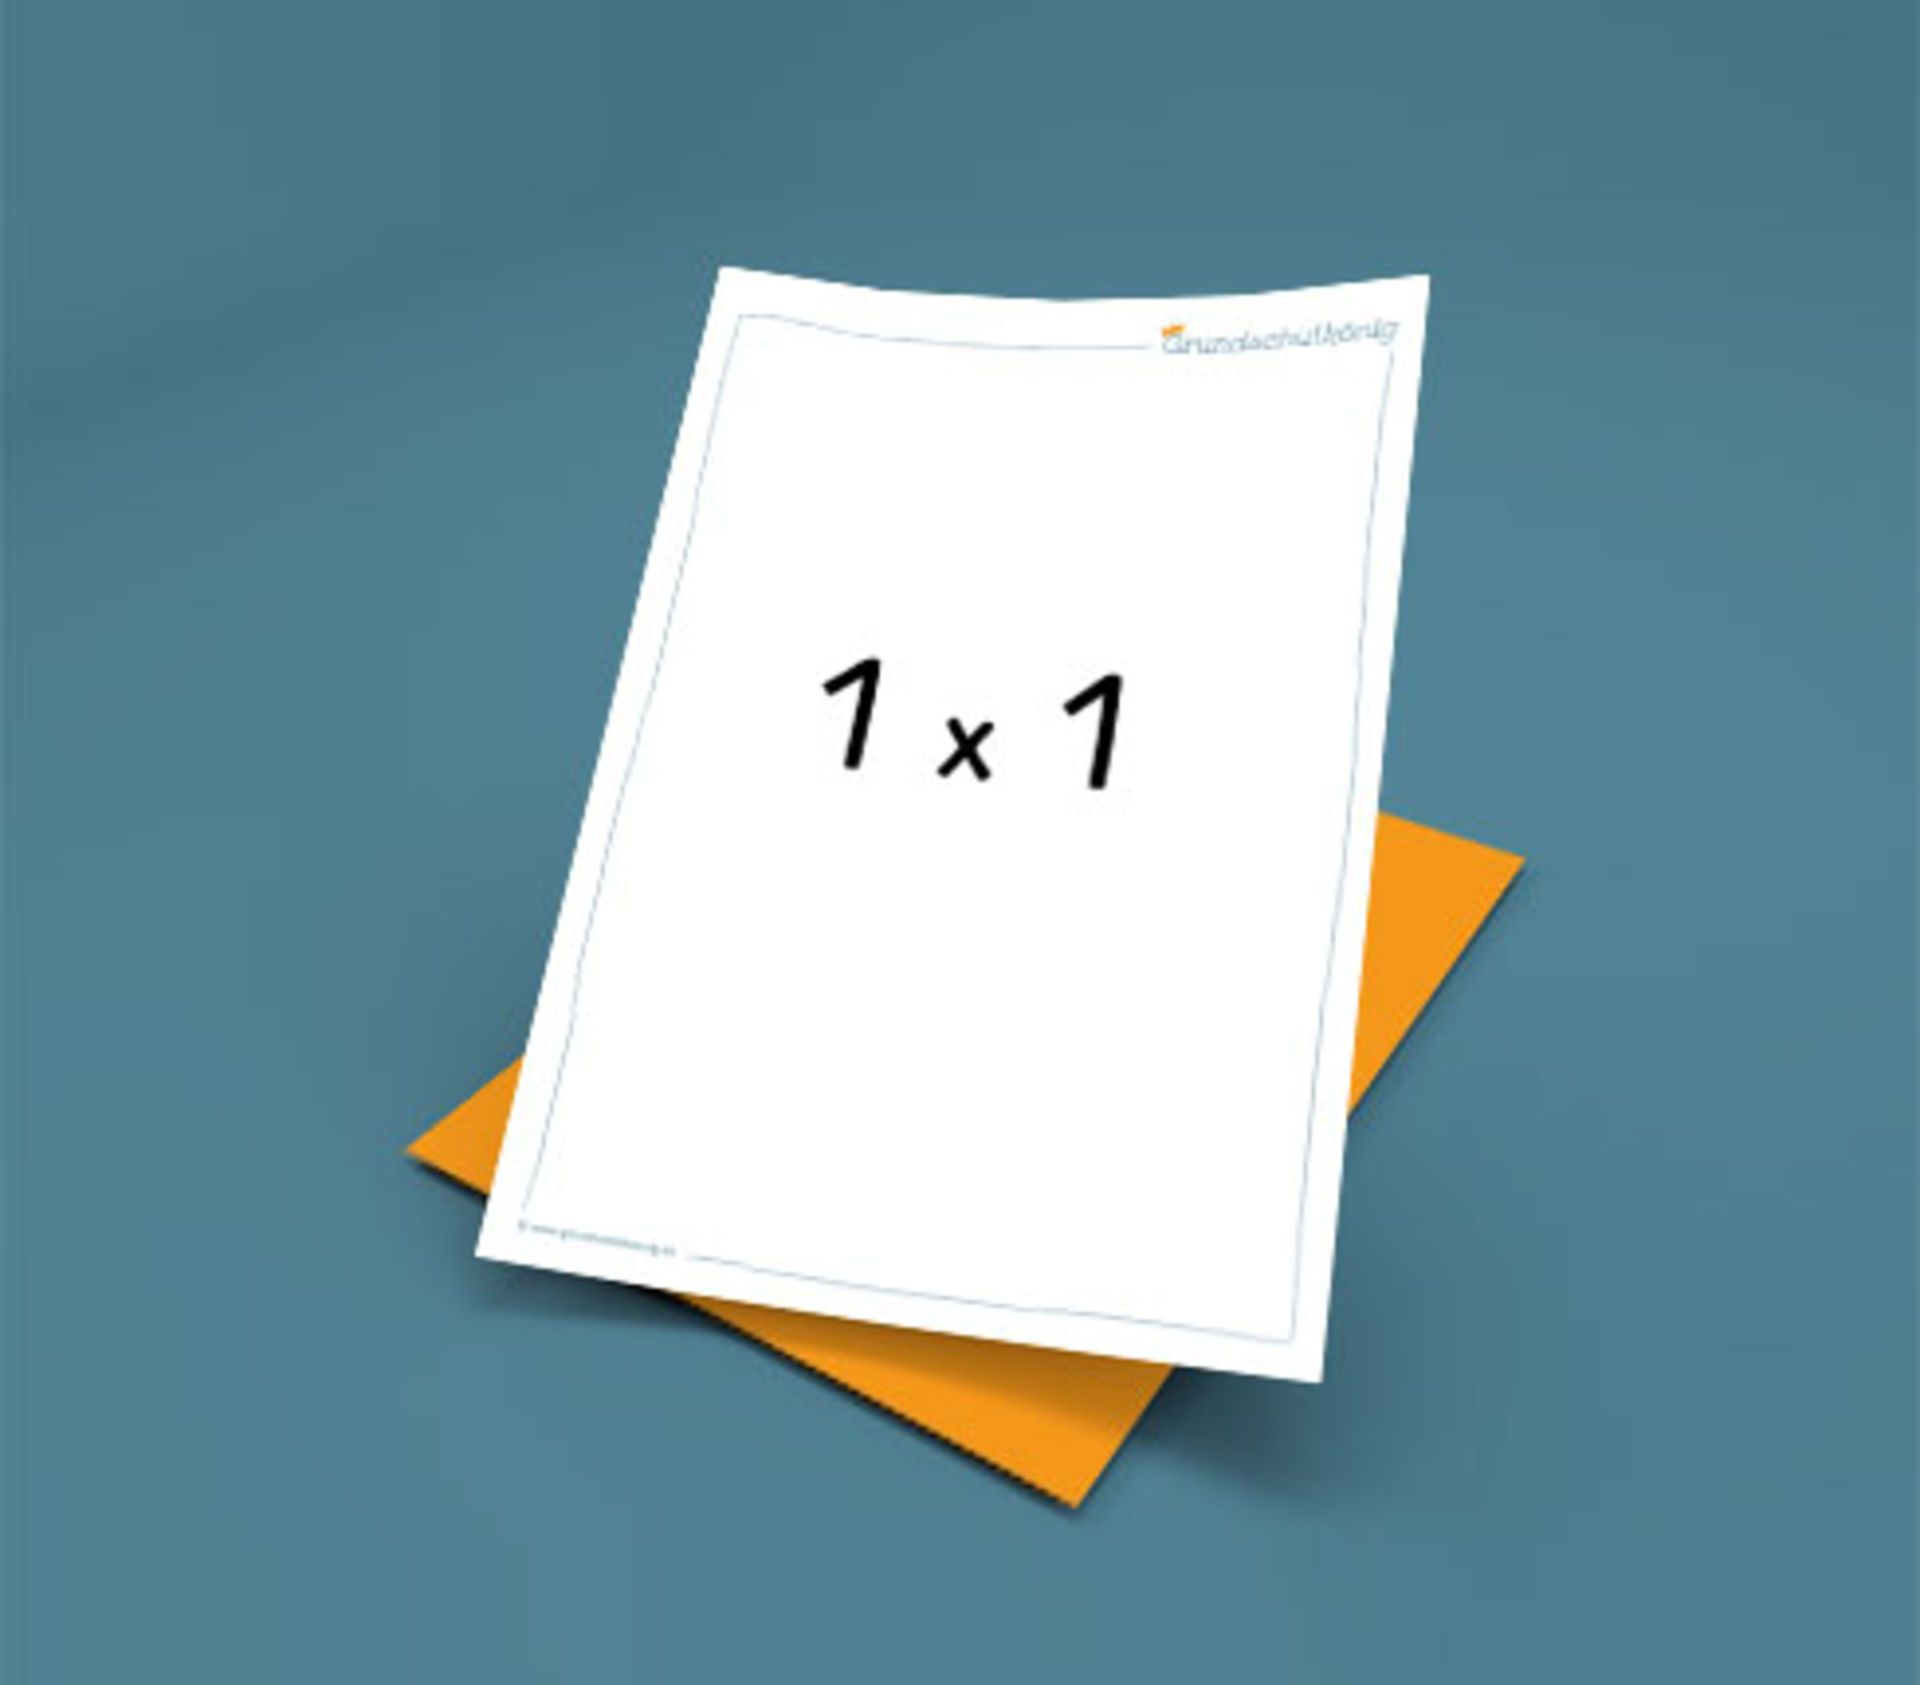 Tolle Mathe Code Breaker Arbeitsblatt Bilder - Gemischte Übungen ...